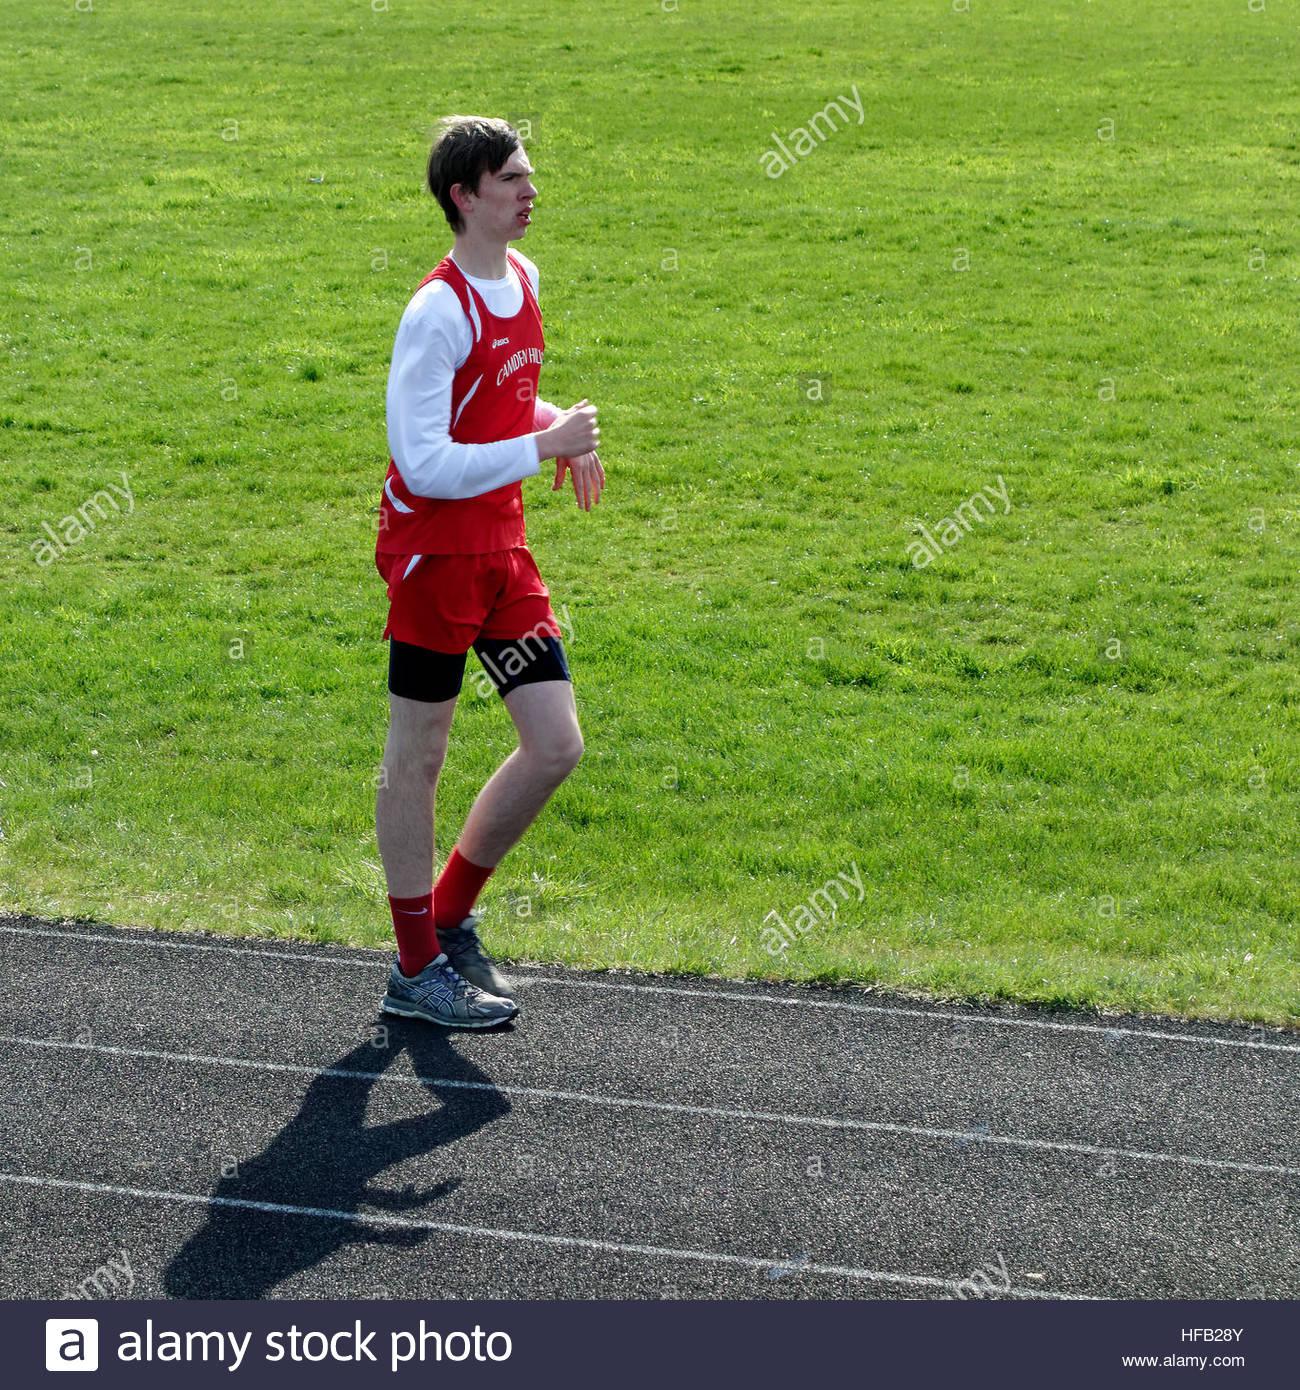 Racewalk at a high school track meet. - Stock Image